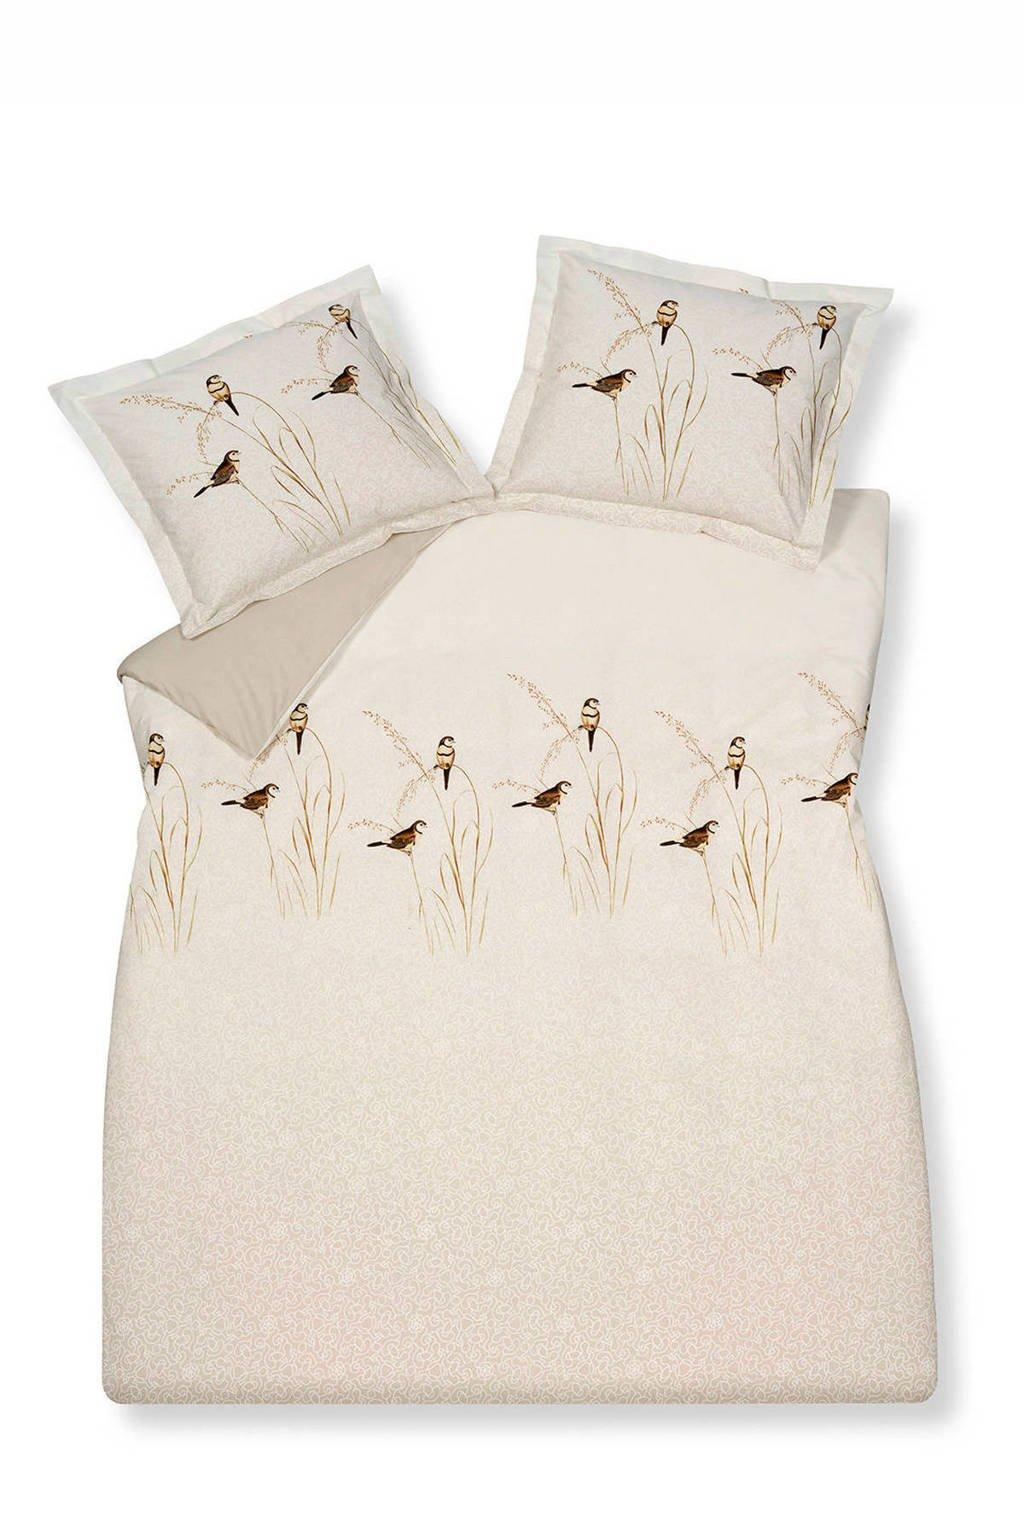 Vandyck katoenen dekbedovertrek lits-jumeaux, Naturel, Lits-jumeaux (240 cm breed)